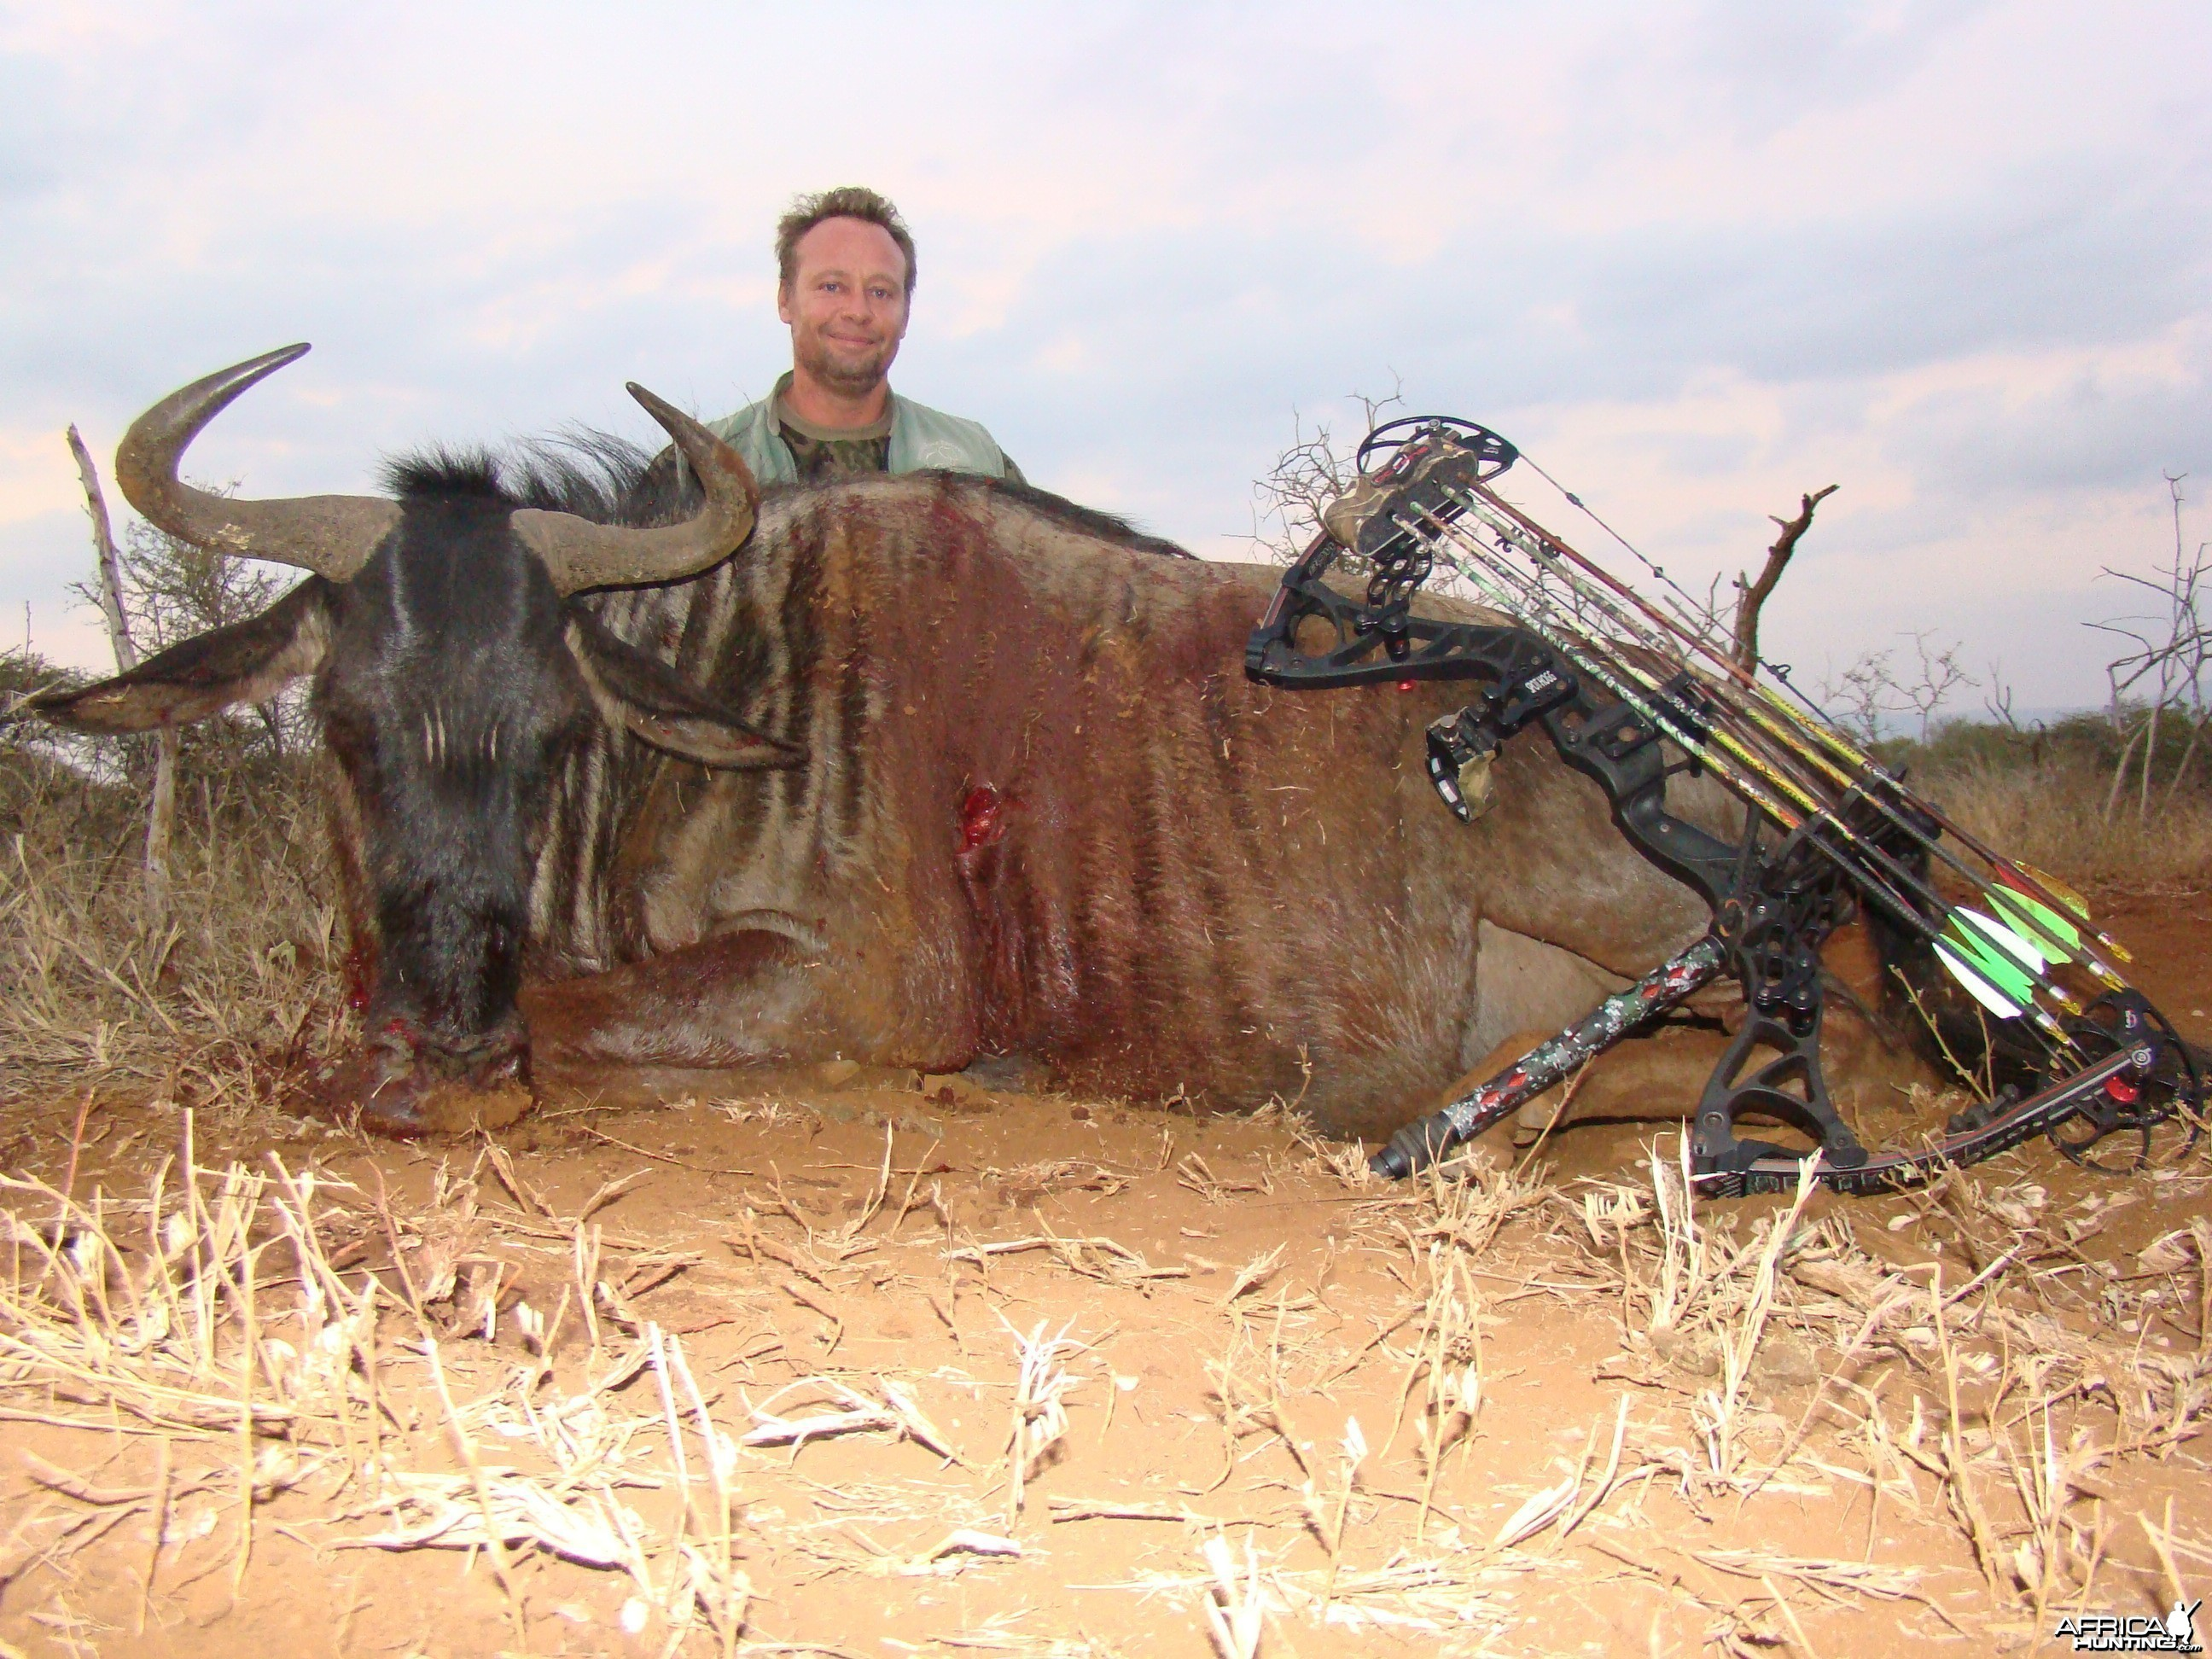 Wildebeest Leeukop Safaris